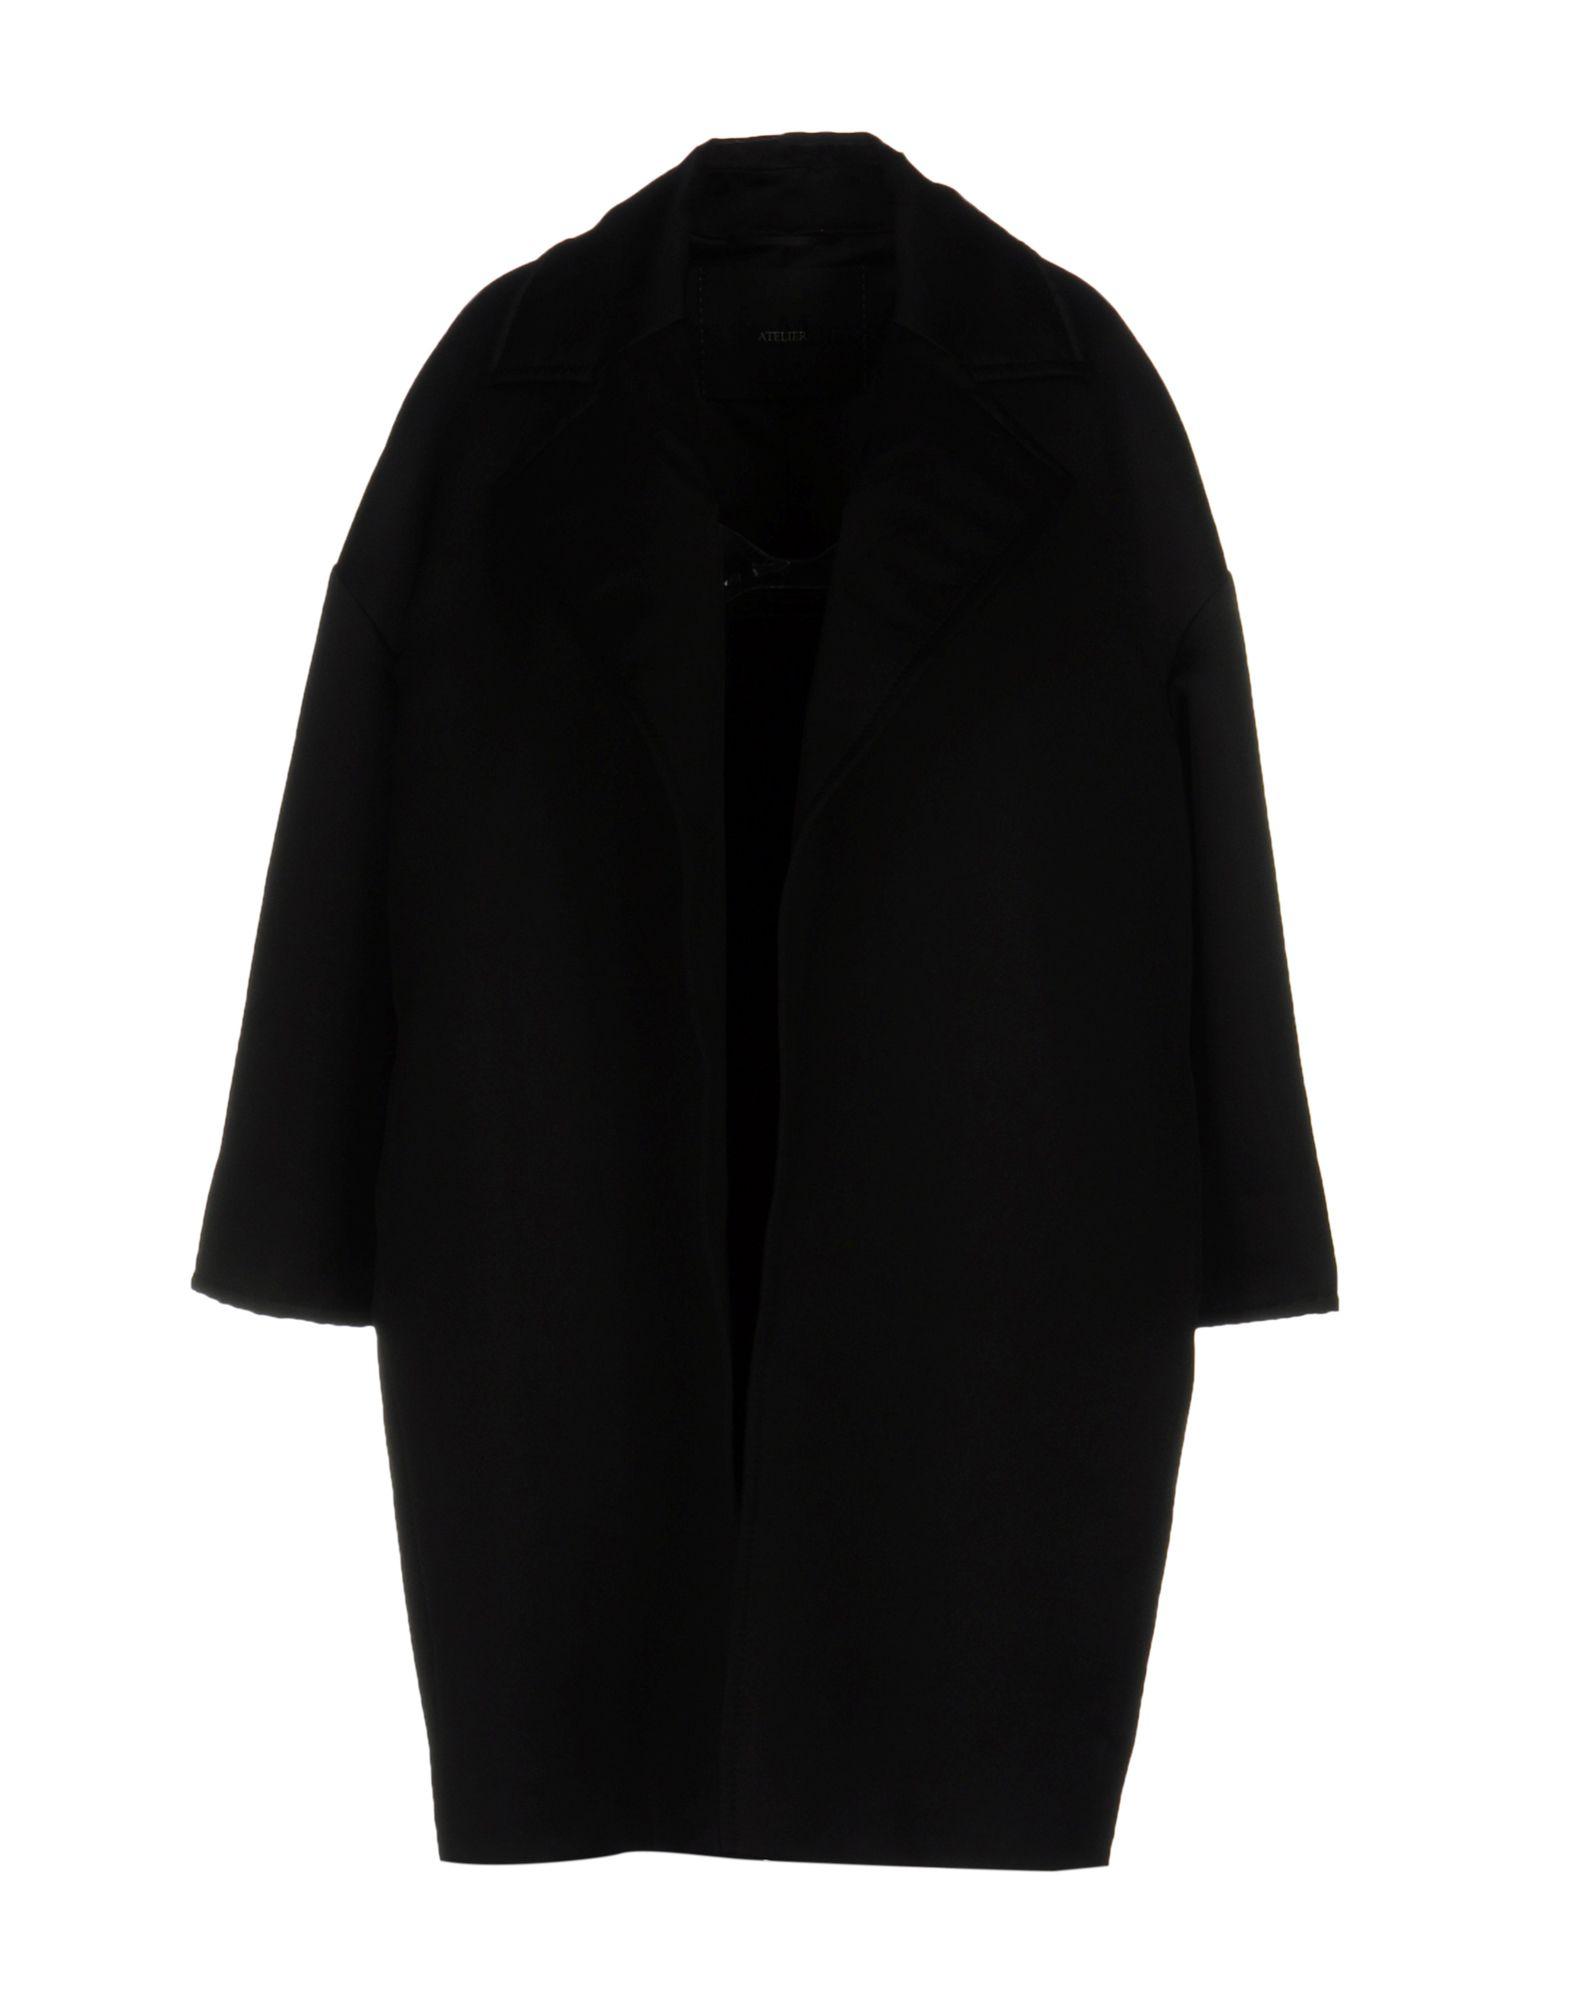 MAX MARA Легкое пальто асимметричное пальто с широкими рукавами max mara пальто свободного покроя